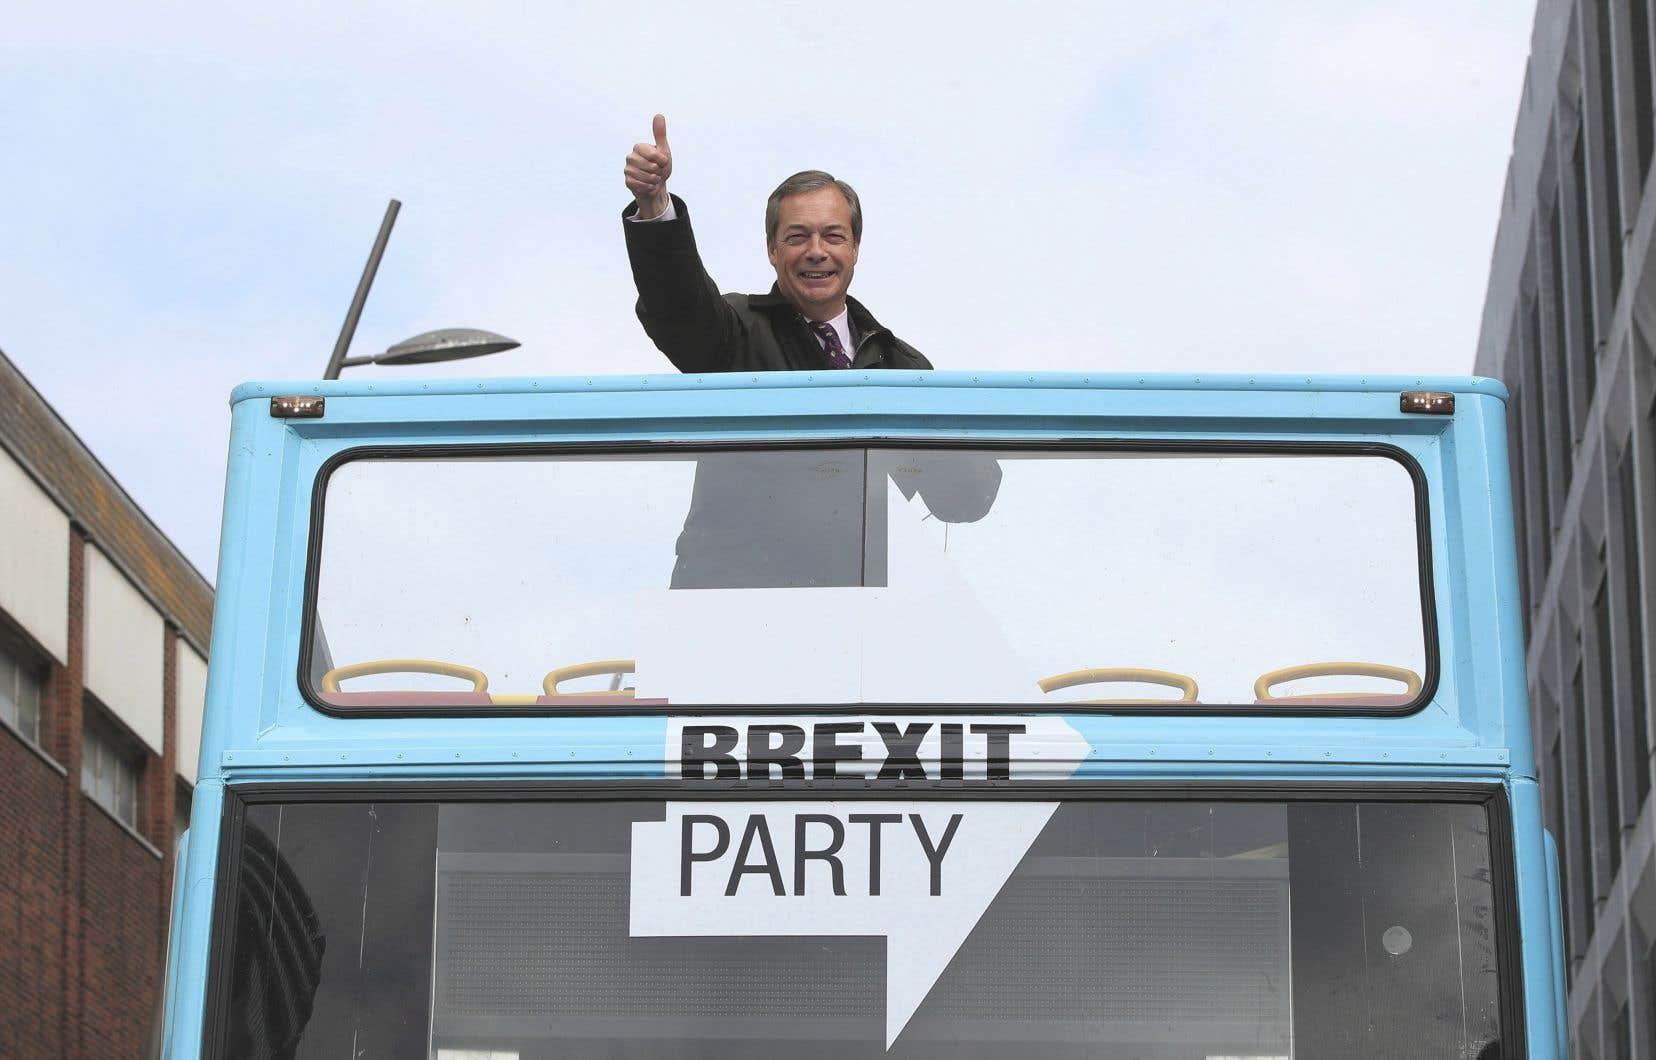 Par rapport au précédent sondage, le Parti du Brexit double son avance sur le Parti travailliste.